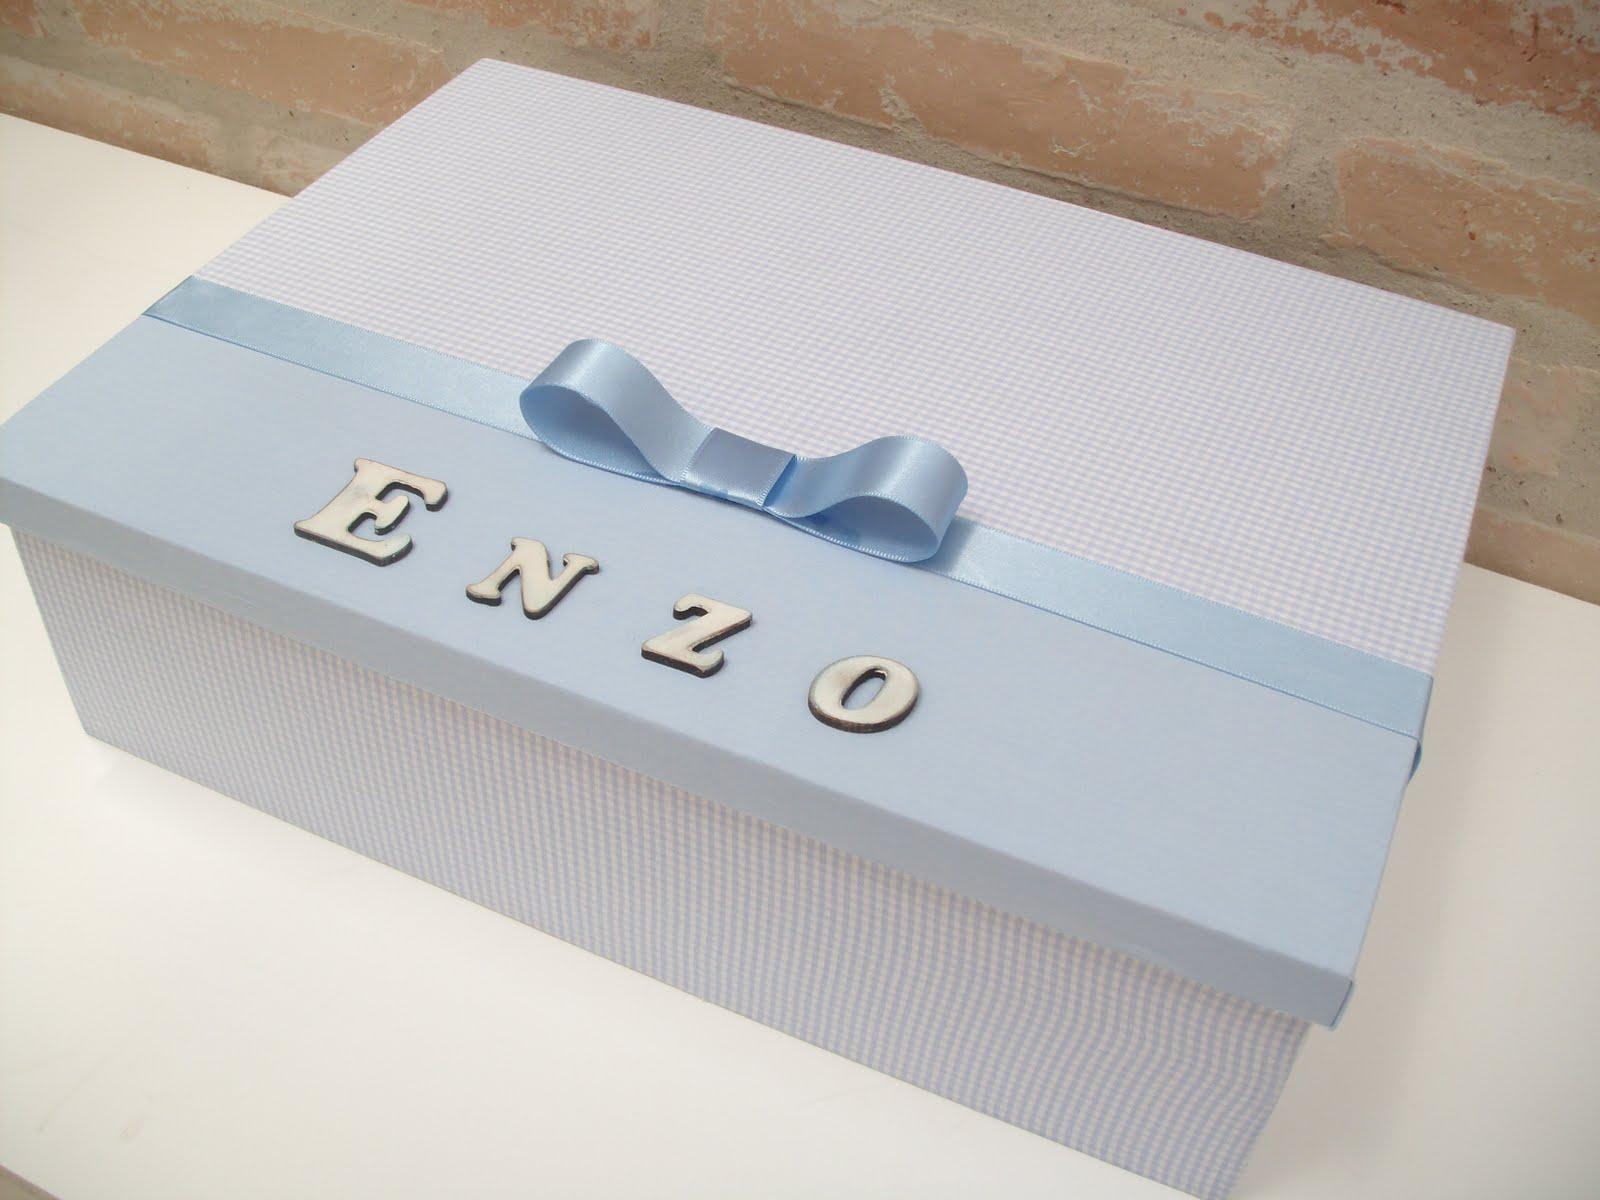 com tecido e decorada com fita e letras em madeira #4A6181 1600x1200